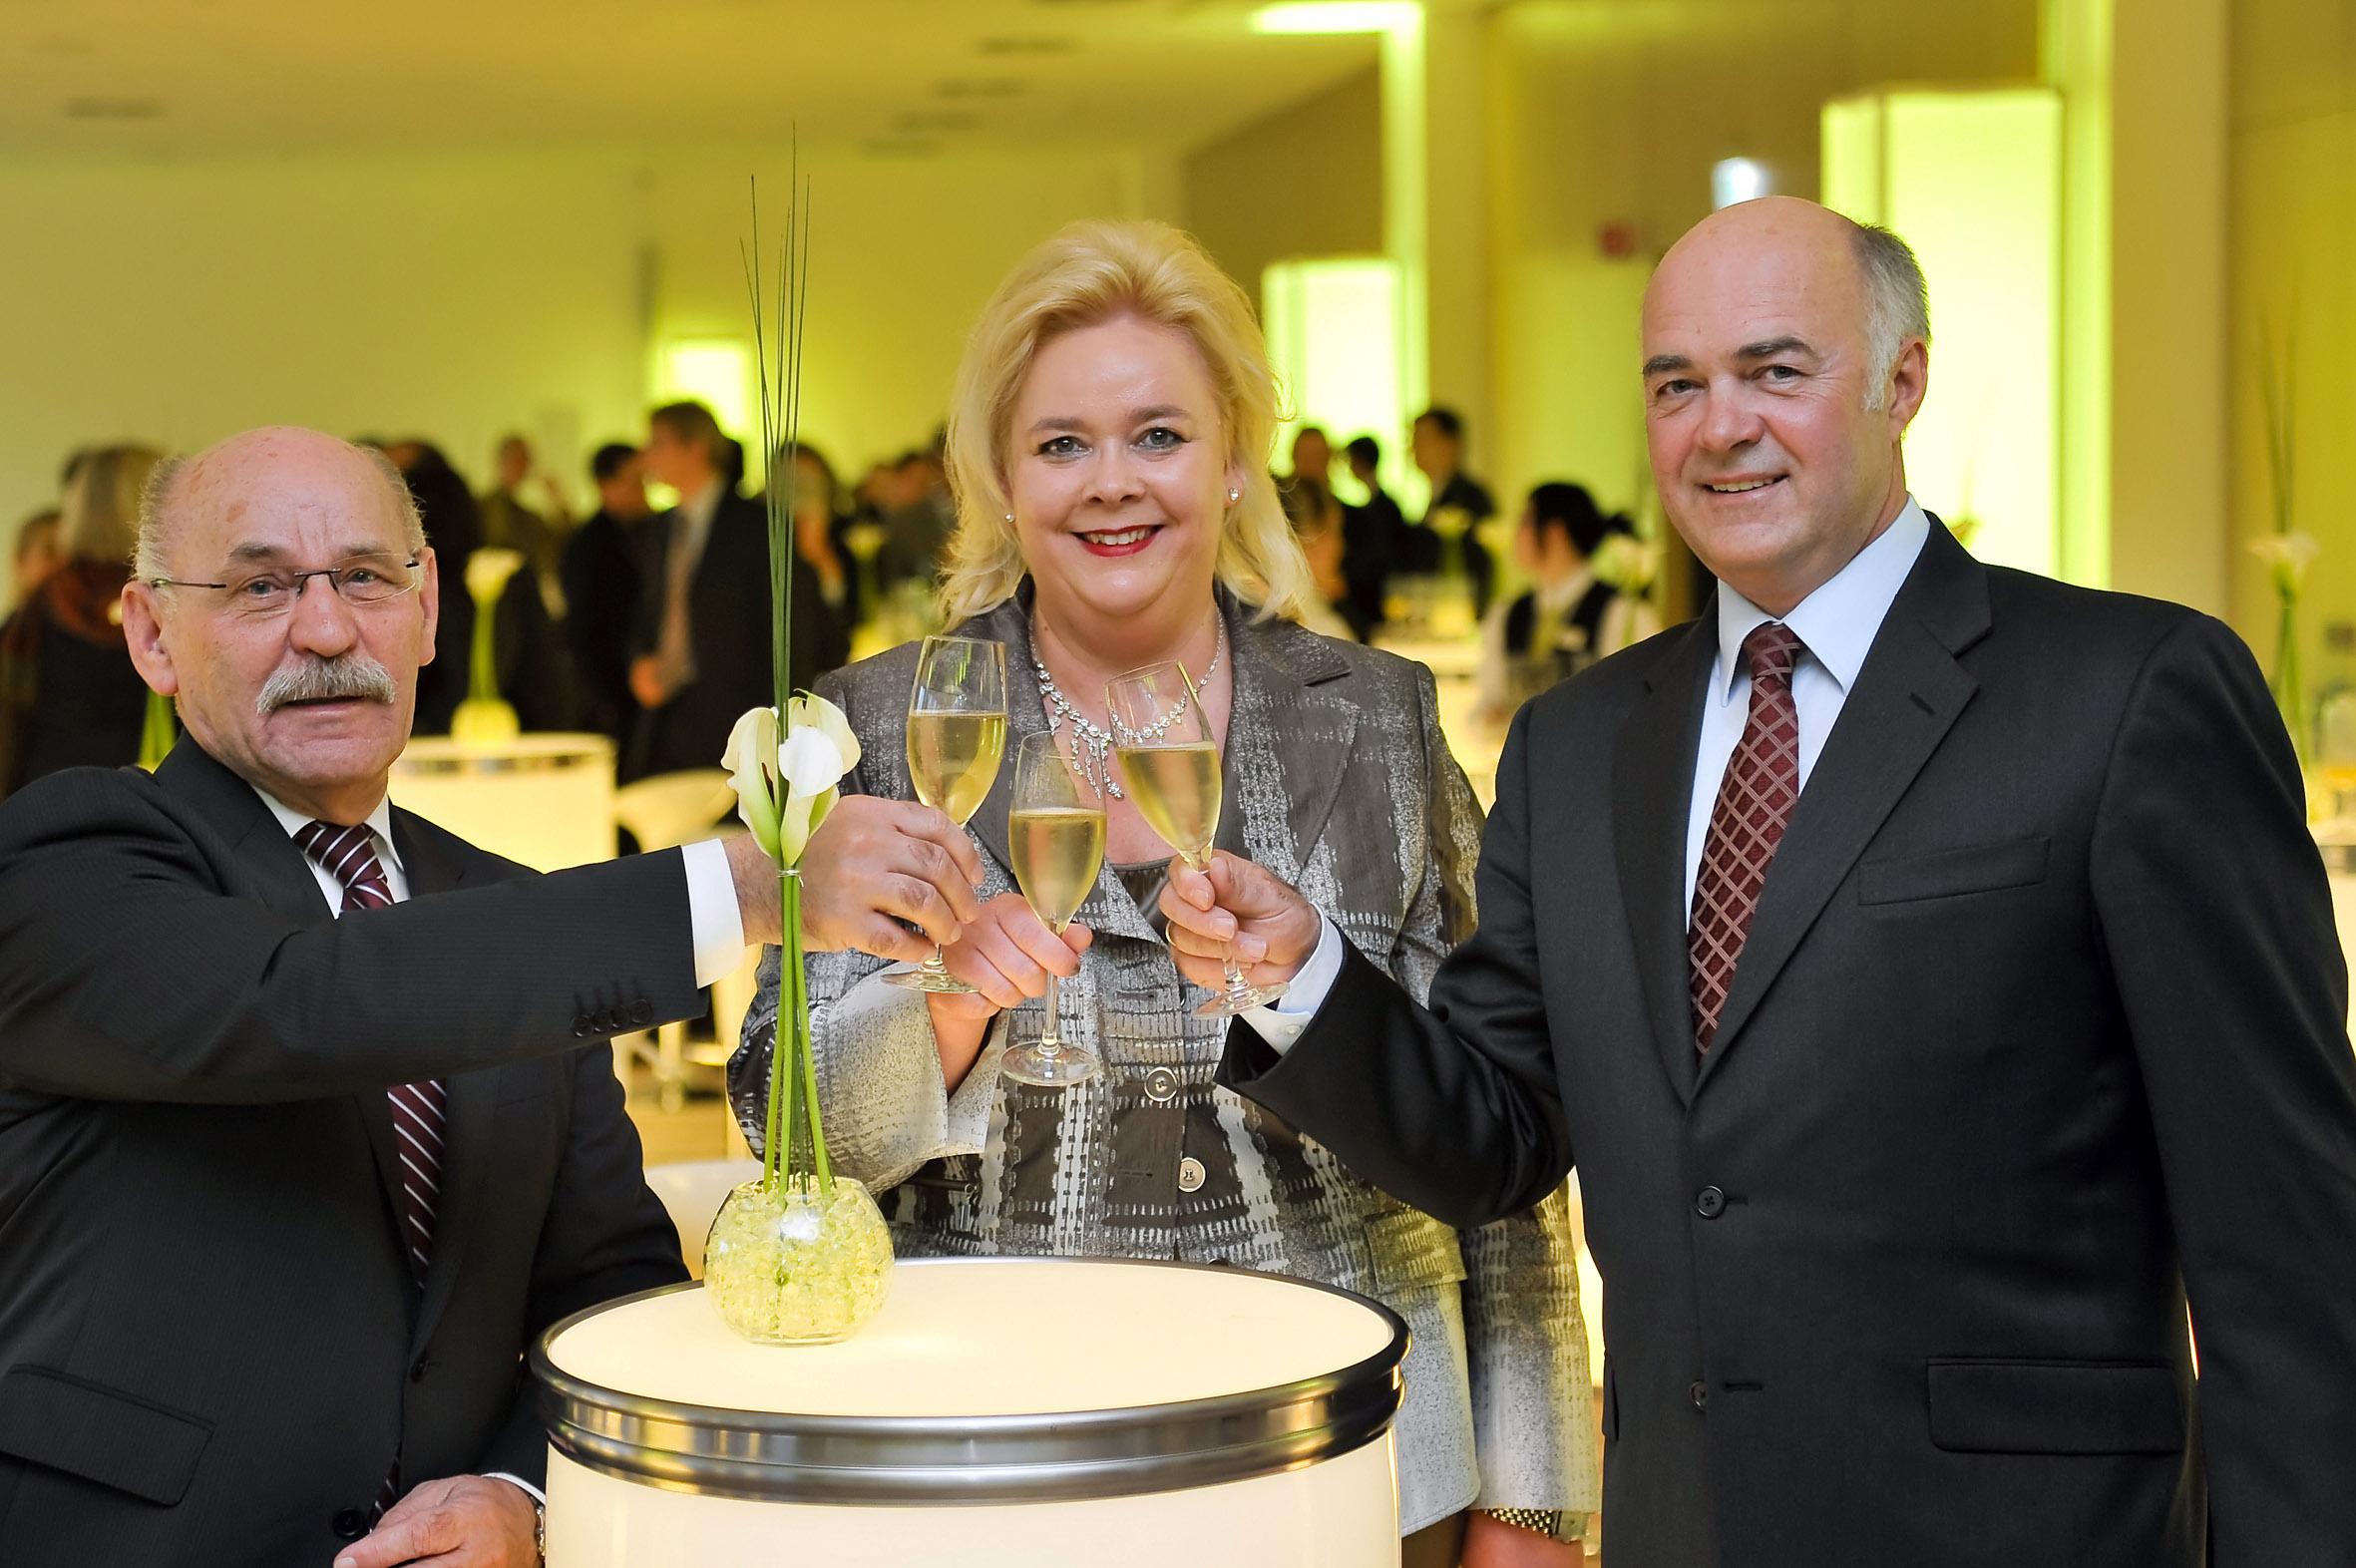 Abb. zu Artikel Eröffnungsfeier im Atlantic Congress Hotel Essen